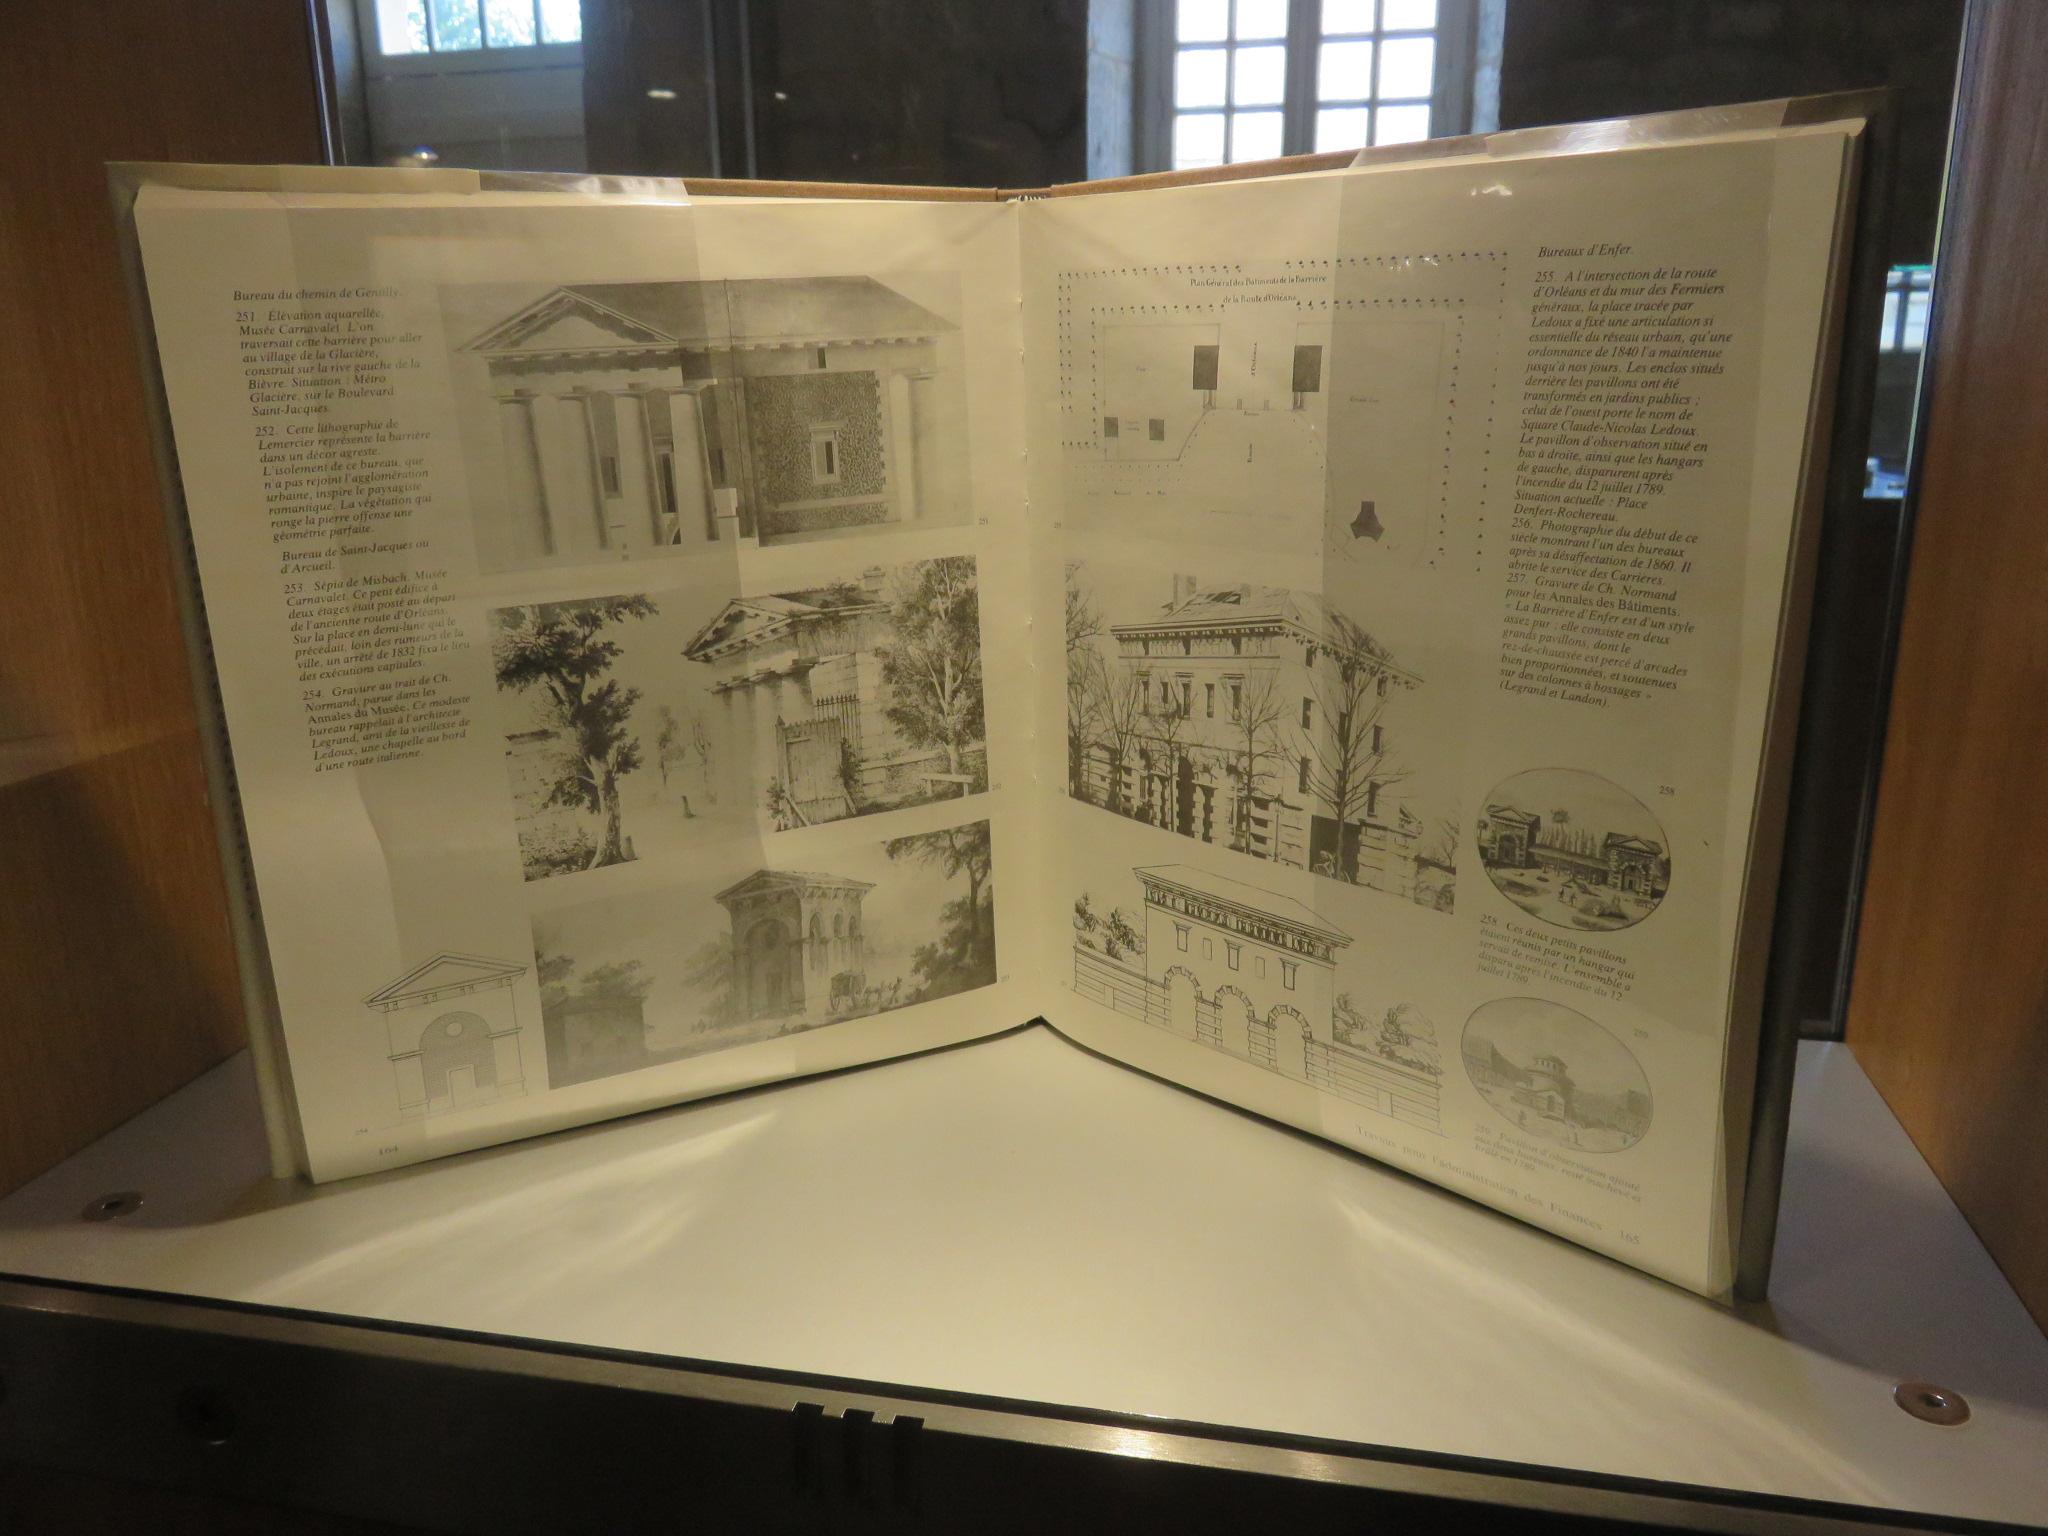 Fichier musée architecture ledoux g u wikipédia